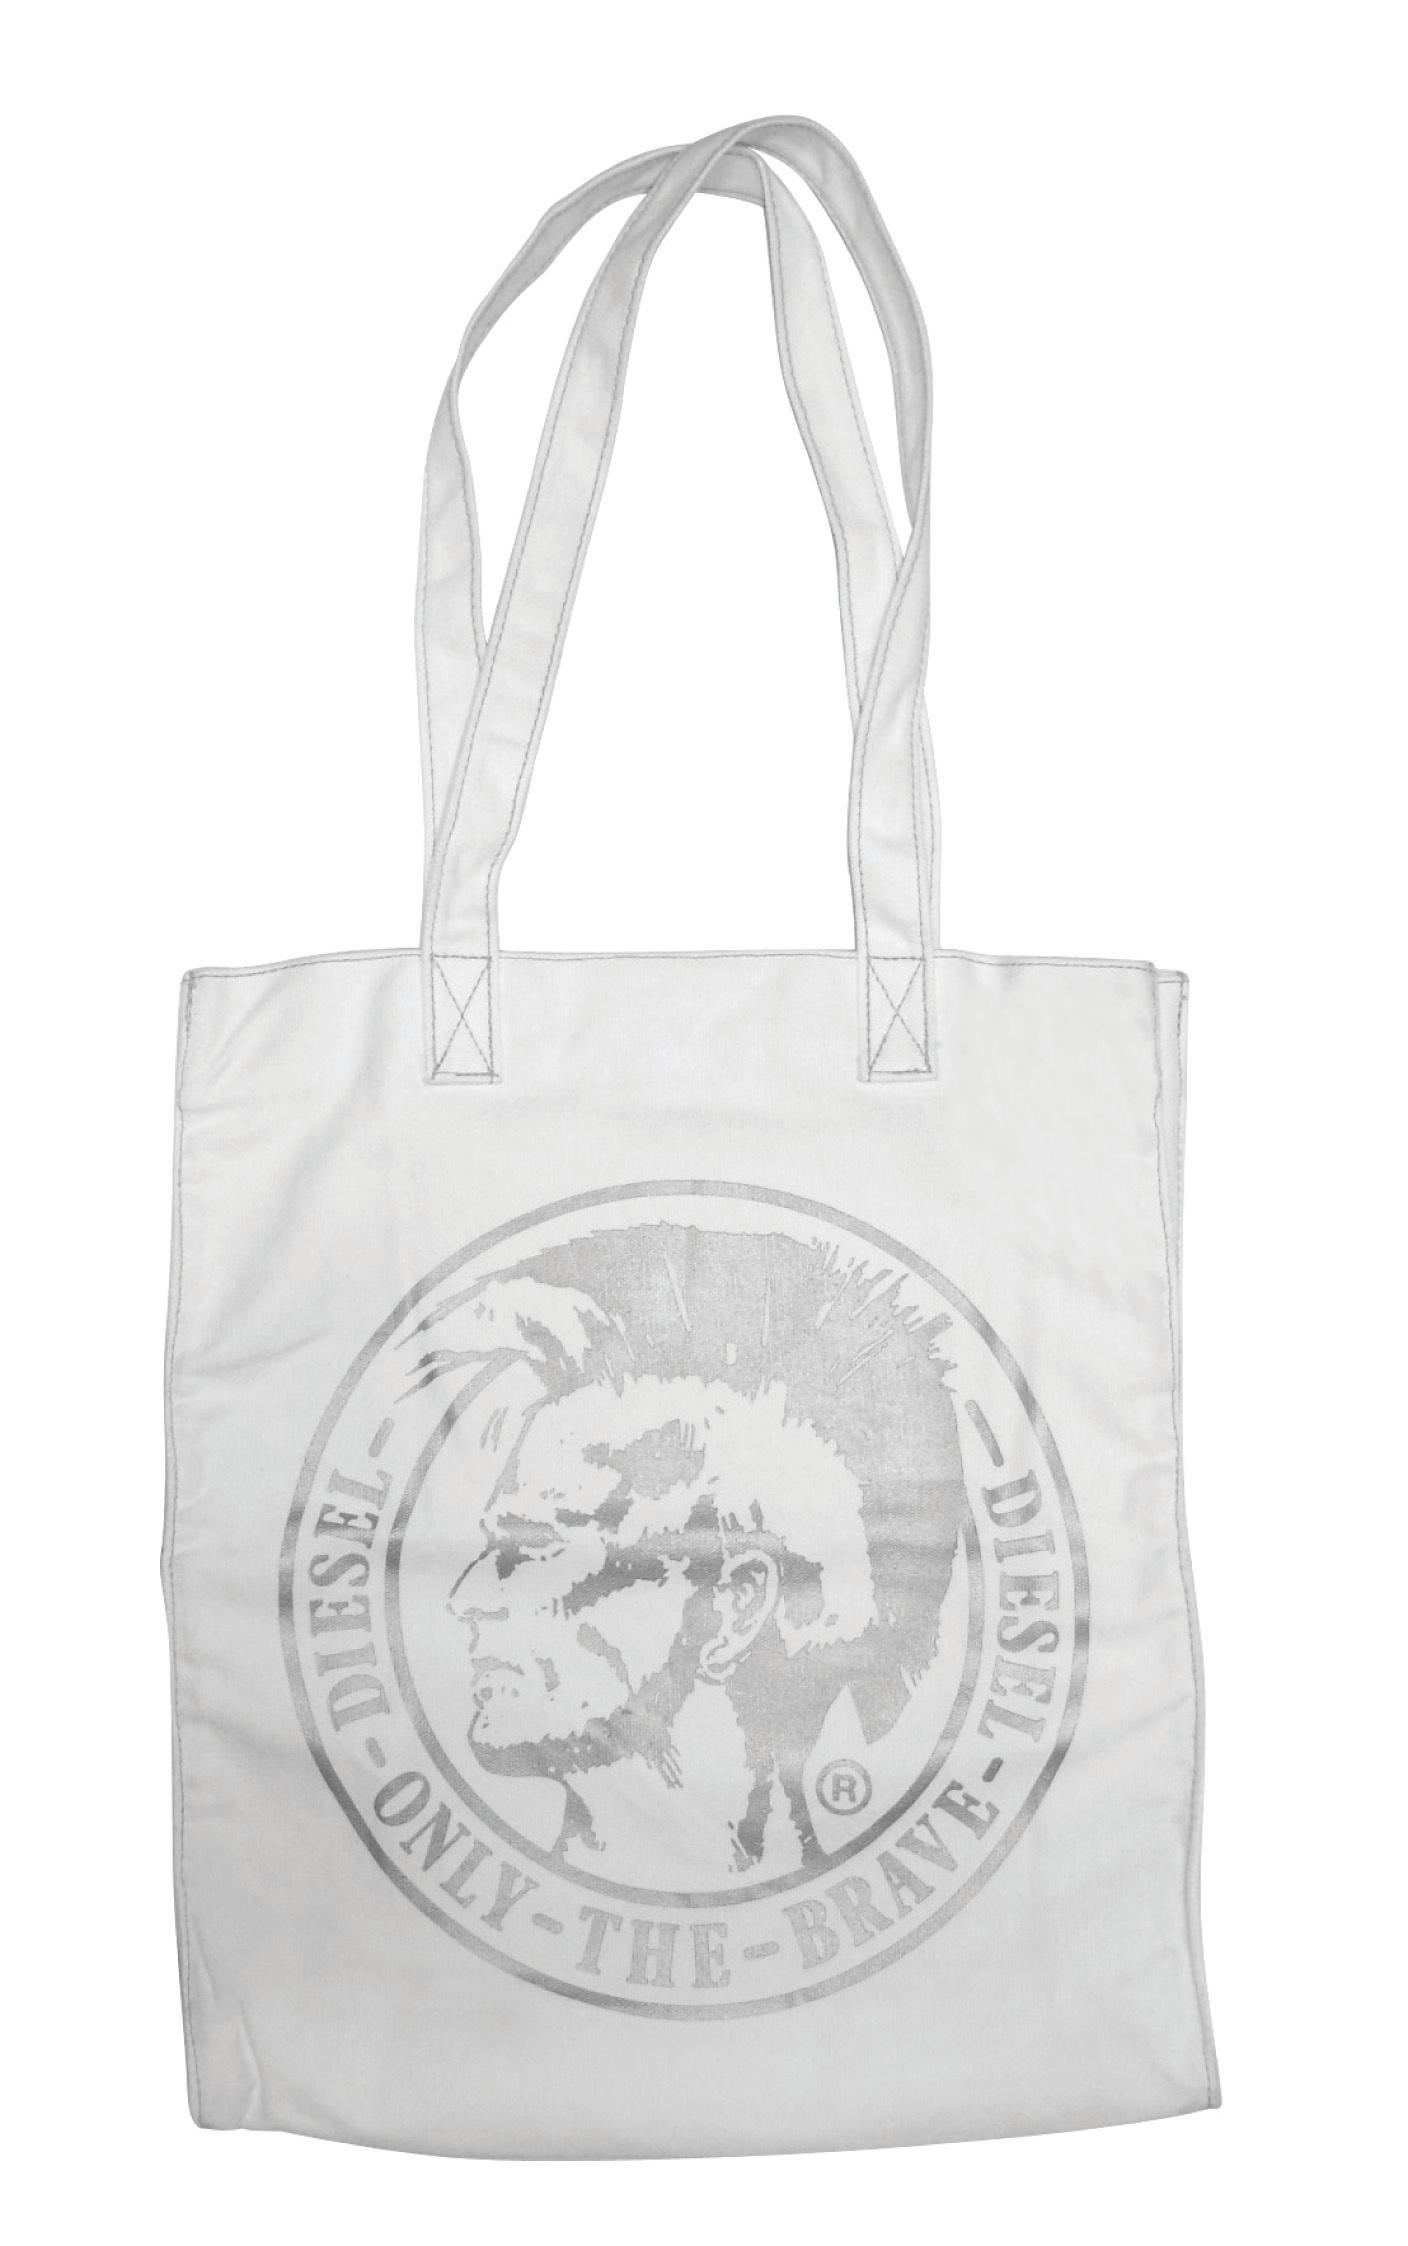 Gift & Premium - Tote Bag 03